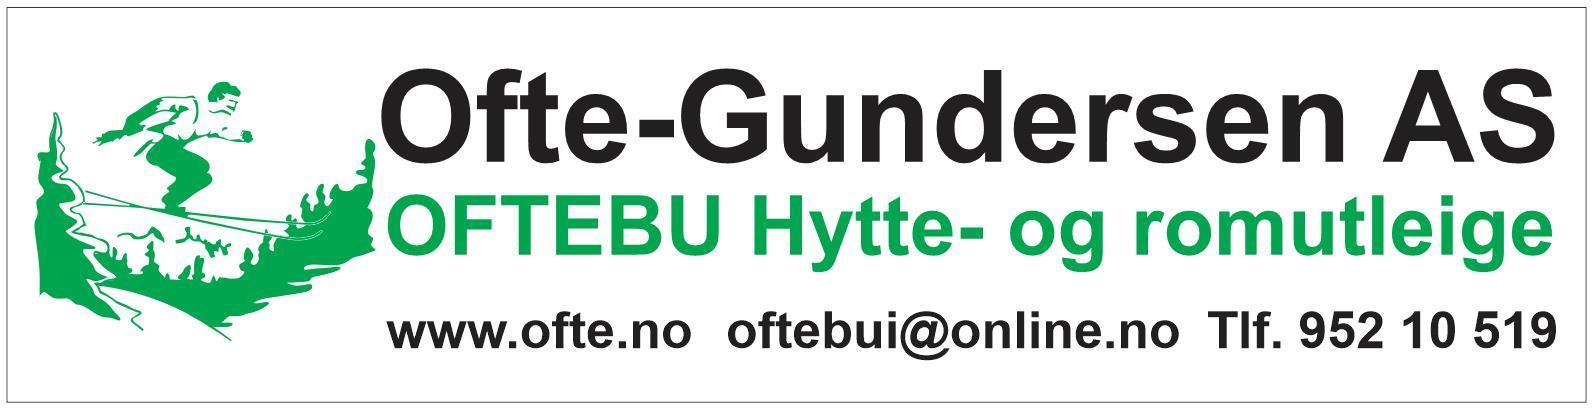 Klikk på logoen for å kome til heimesida for booking av hytter og rom